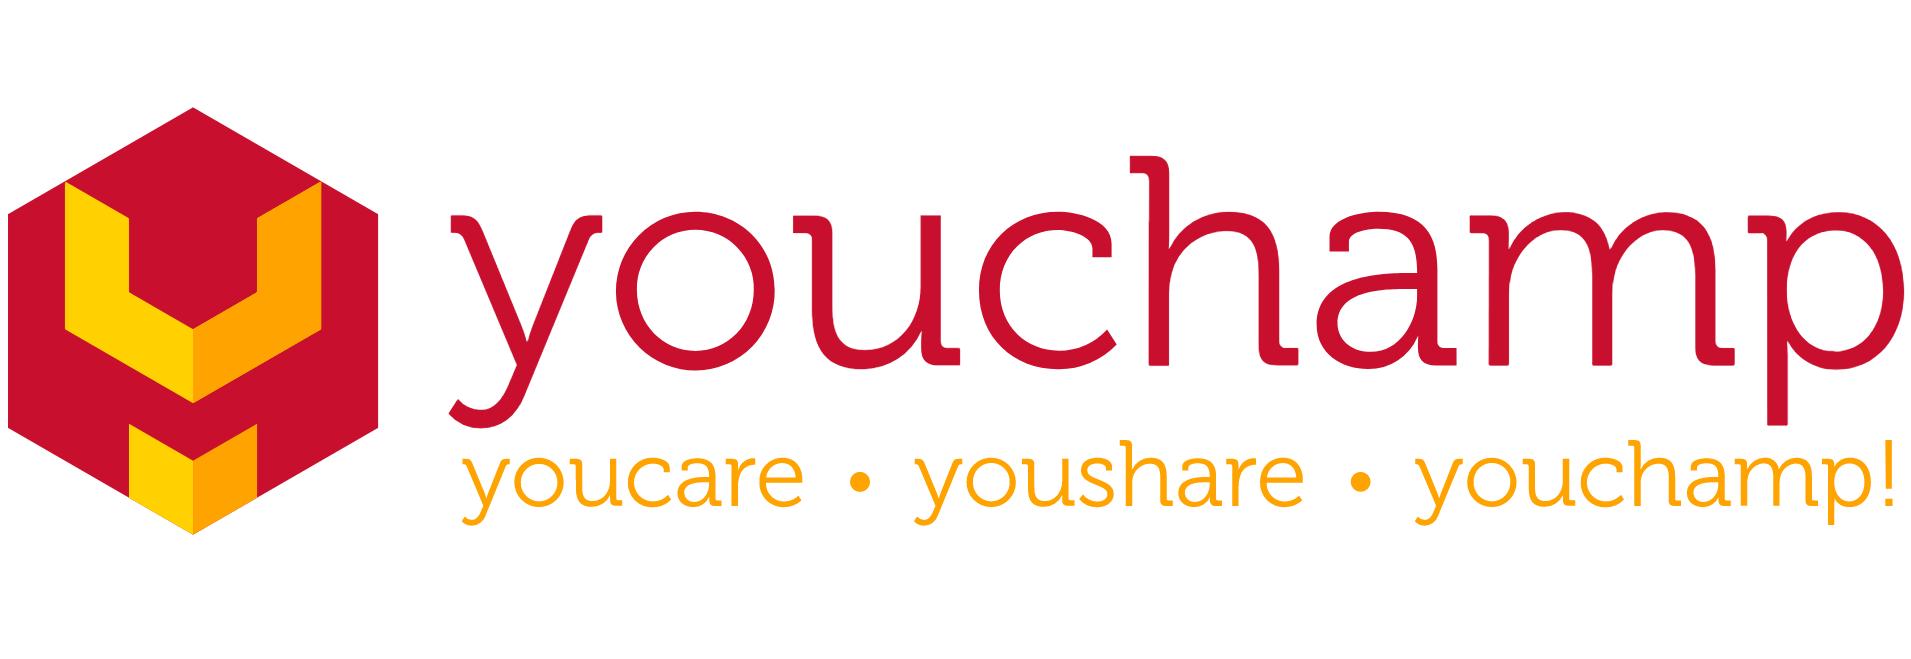 youchamp-logo-Group-Activity-Planner-Rent-Bill-Splitting-App-Dinner-split-bill-app-Money-Split-App